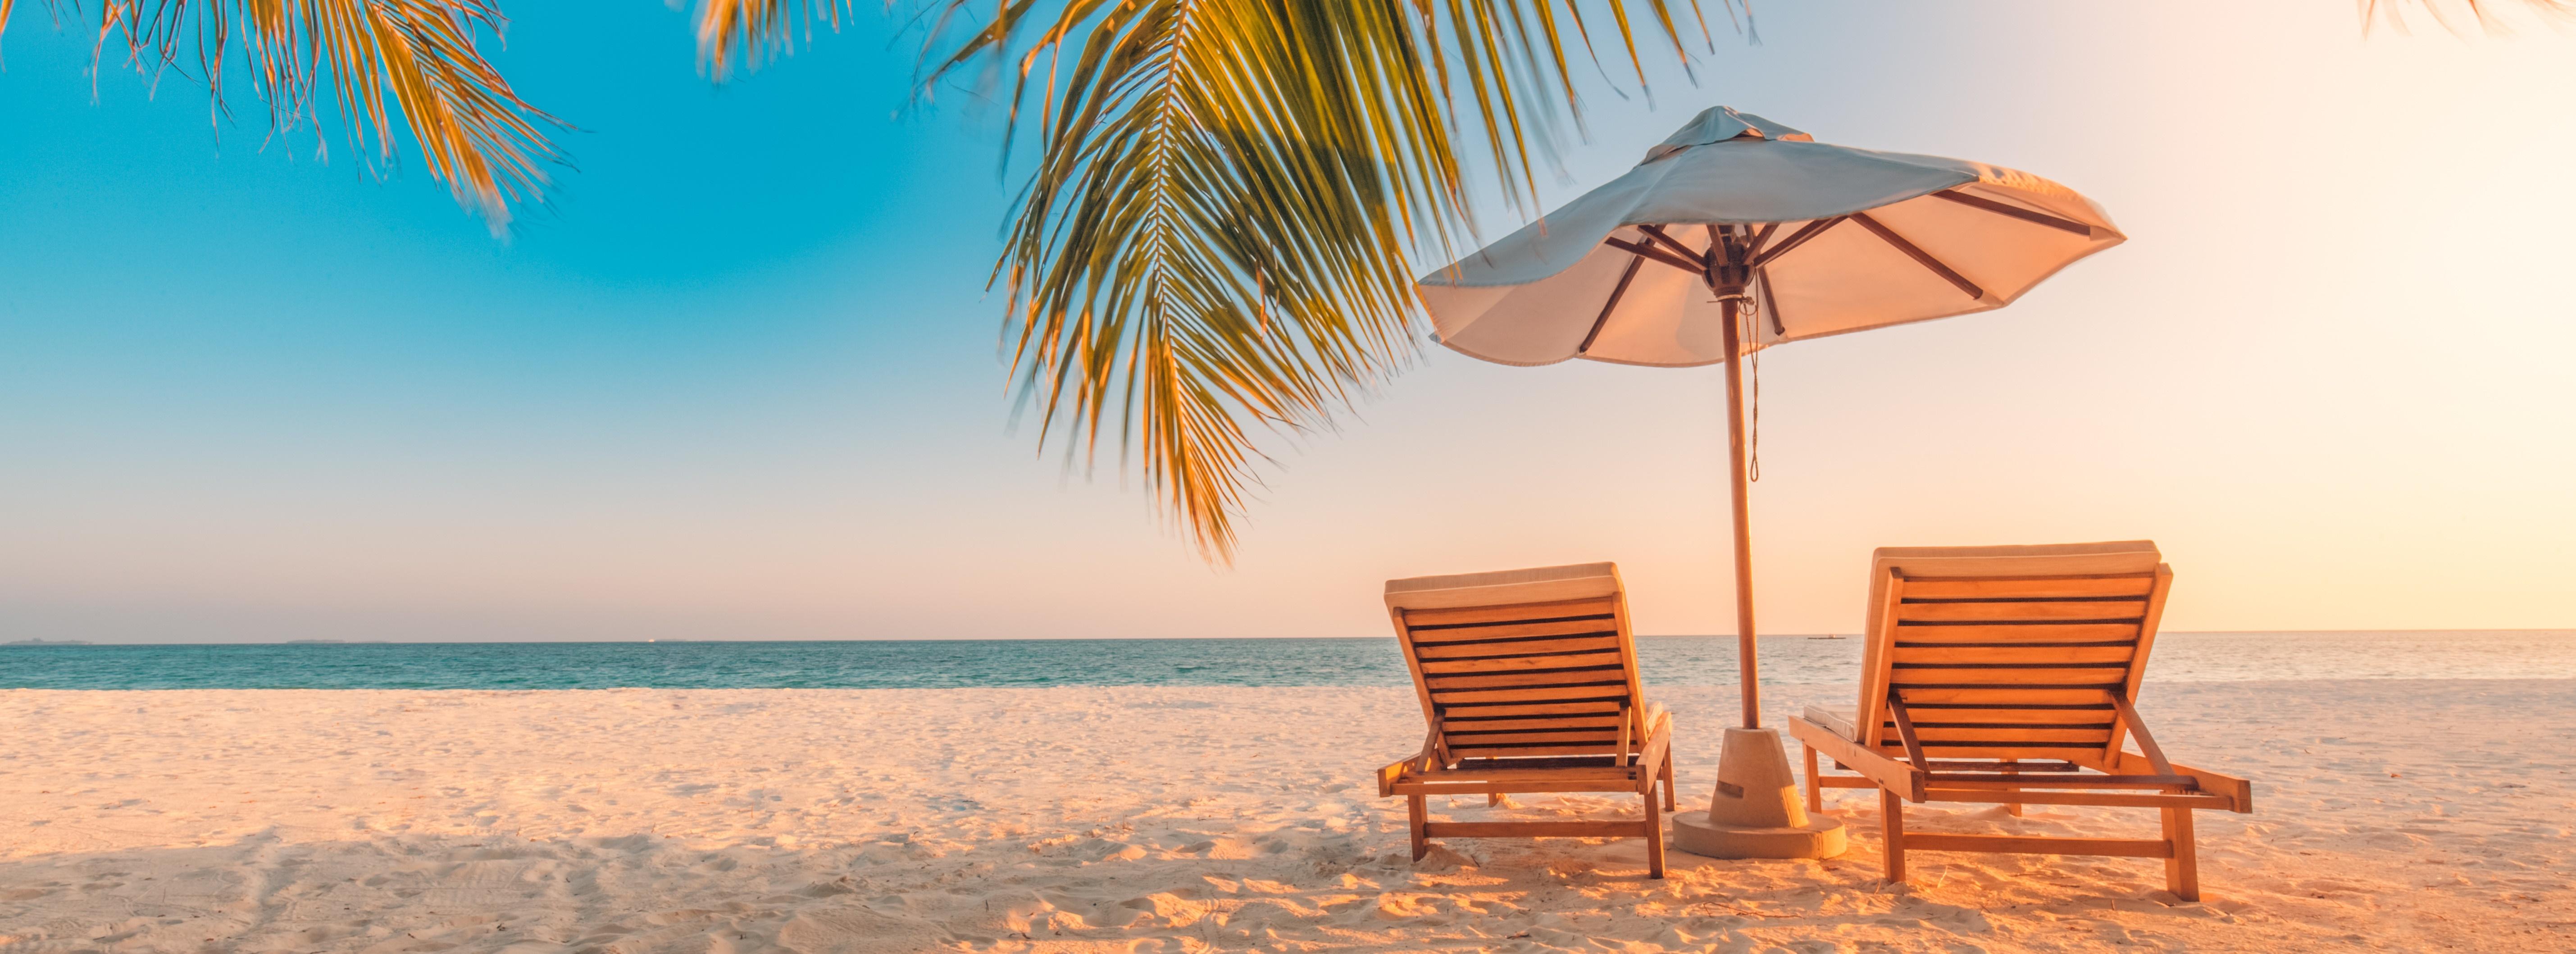 caribbean-strand-strandstoelen